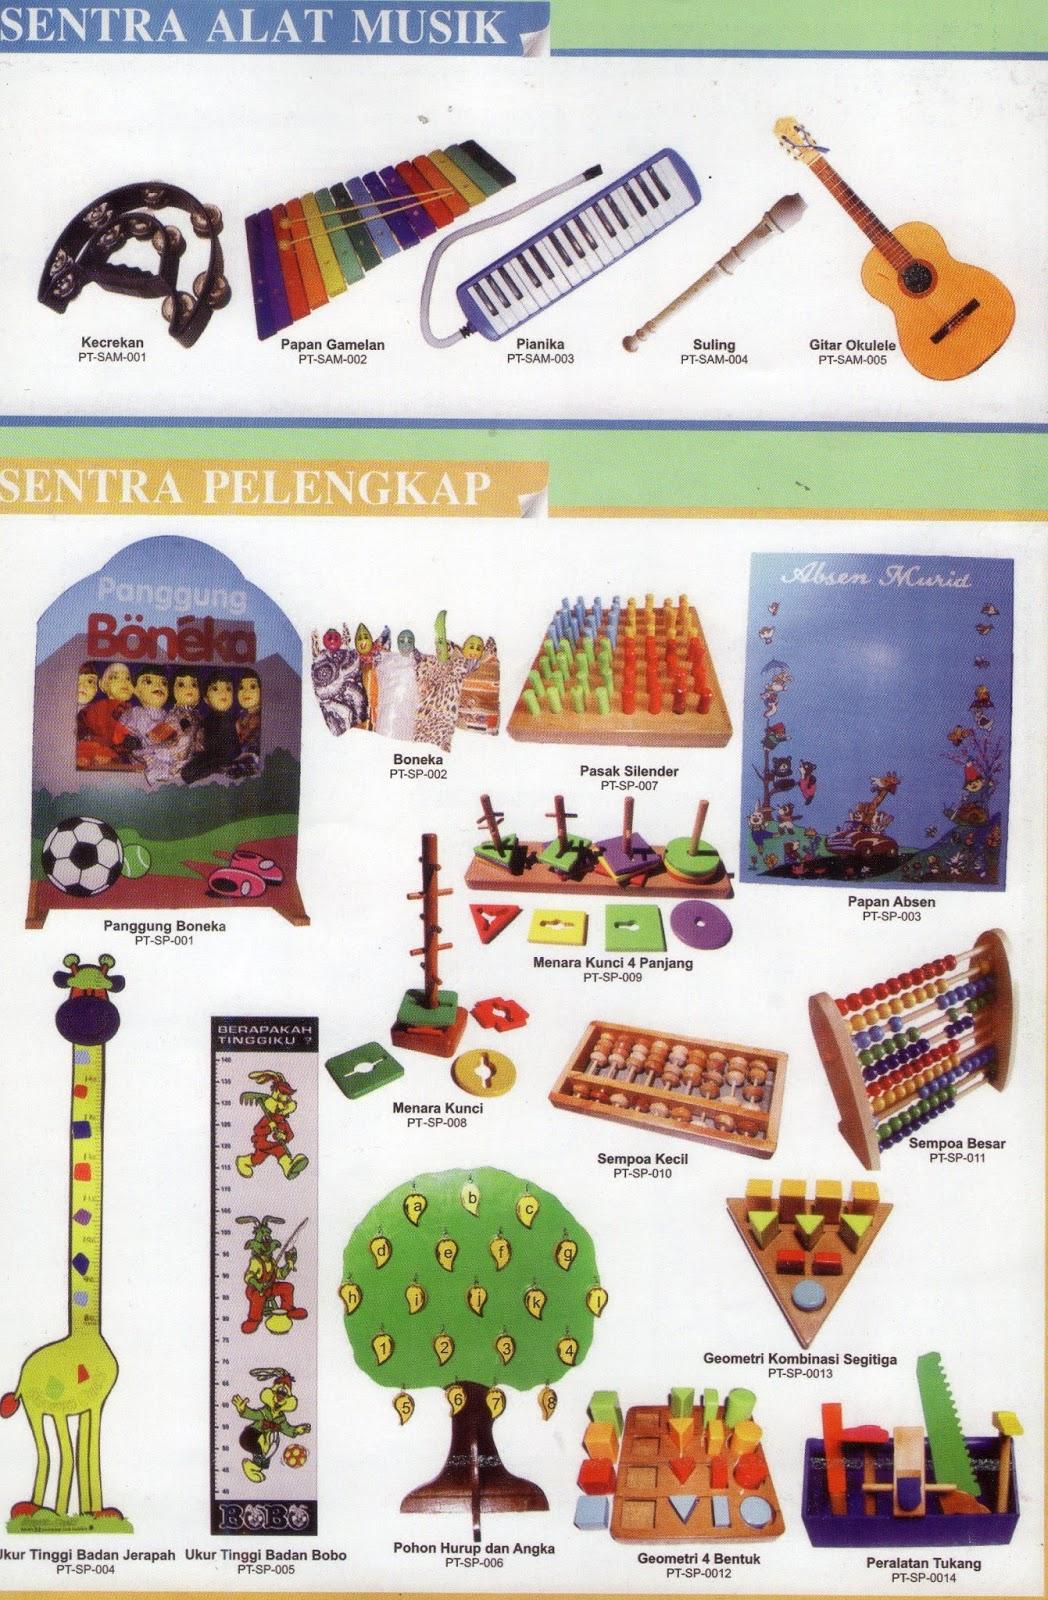 produksi mainan edukasi, produsen mainan edukatif tangerang, toko mainan edukatif di jakarta, harga mainan edukatif, produsen mainan anak murah, produsen mainan edukatif banten, mainan kayu edukatif tangerang, cara membuat mainan dari kayu, distributor mainan edukati